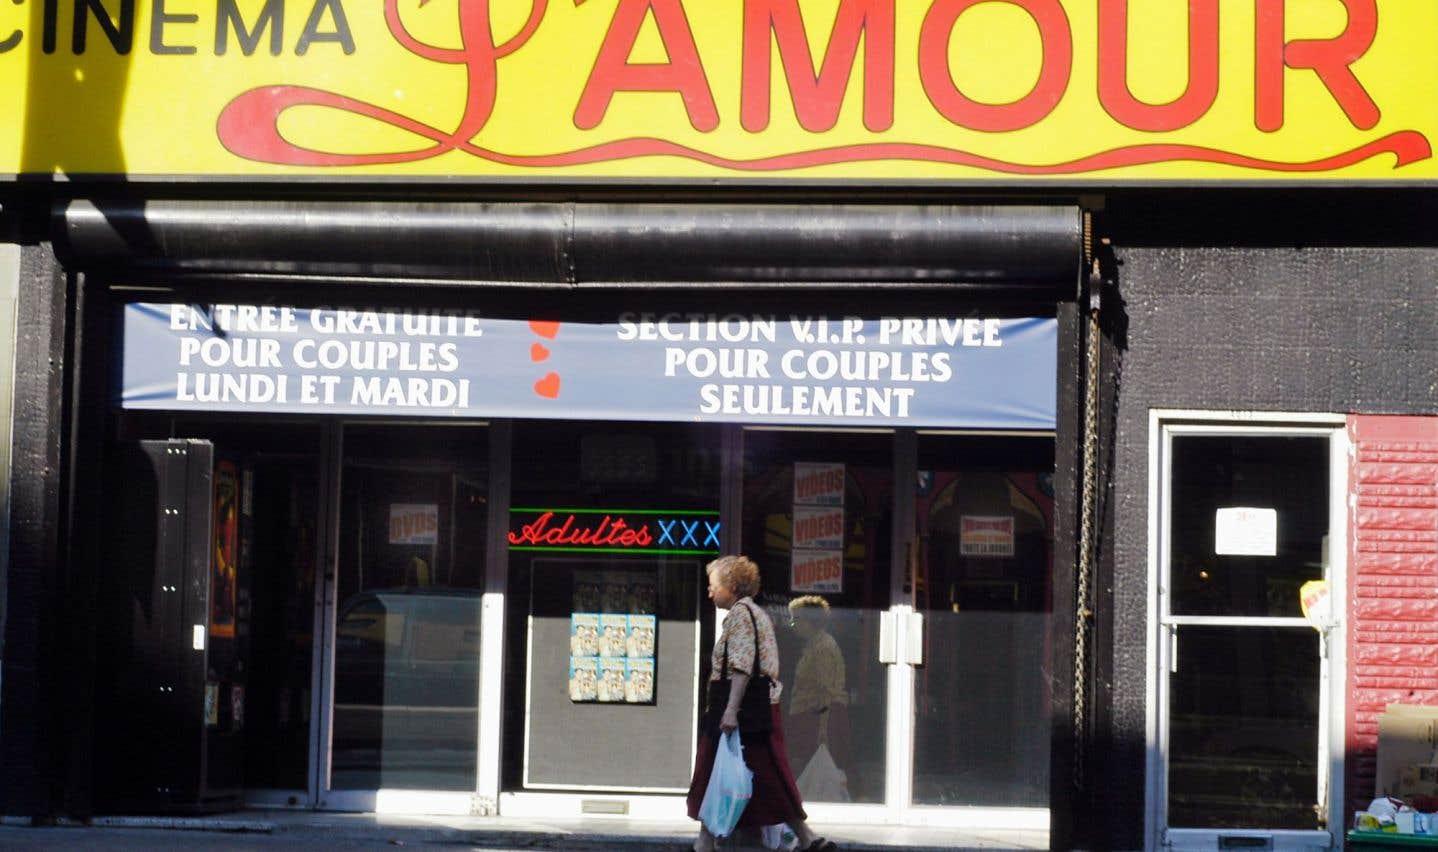 Le cinéma L'amour, autrefois The Pussycat, est sans doute le cinéma porno le plus populaire de Montréal.